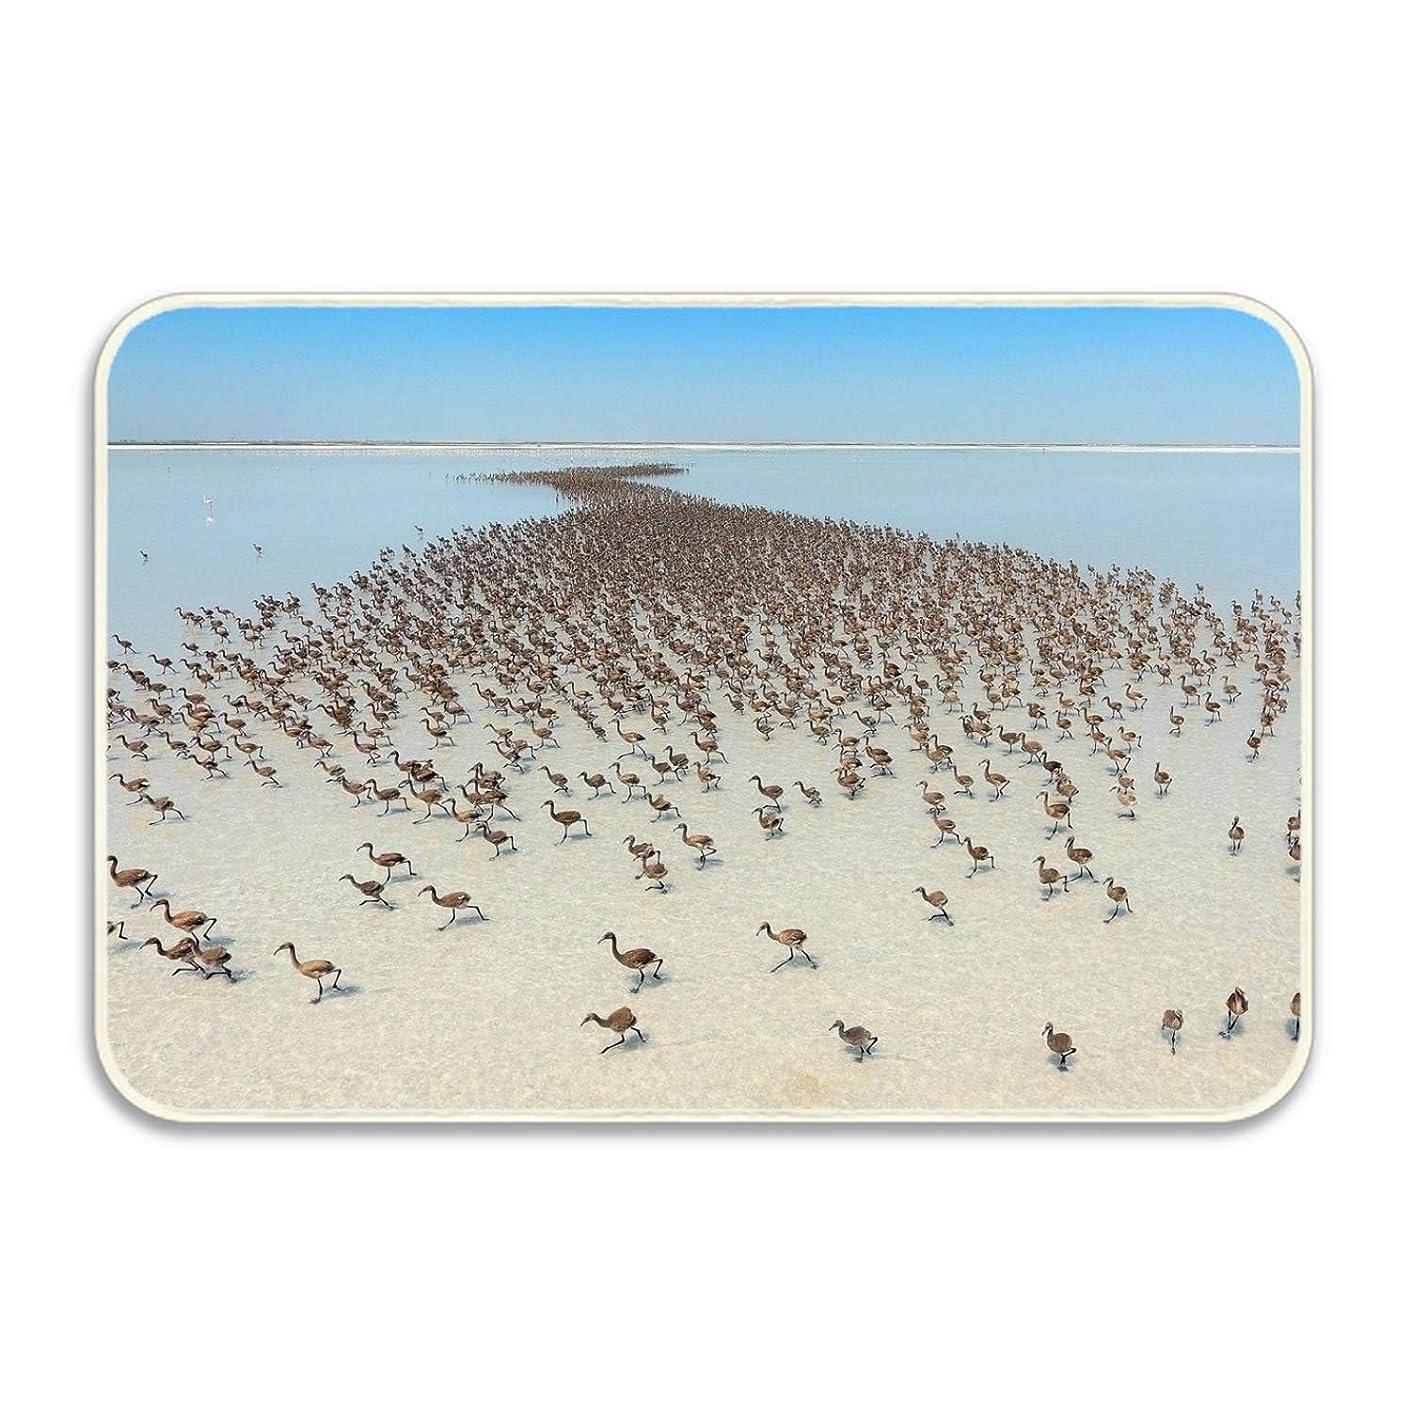 宇宙魅力ワゴンマット 玄関マット ふわっと優しい踏み心地のアウトドアマット 約40×60cm 鳥ビーチ海空動物 エントランス ドア ガーデニング ガーデン おしゃれ かわいい 土間 泥落とし ナチュラル 外 屋外 フロッグ